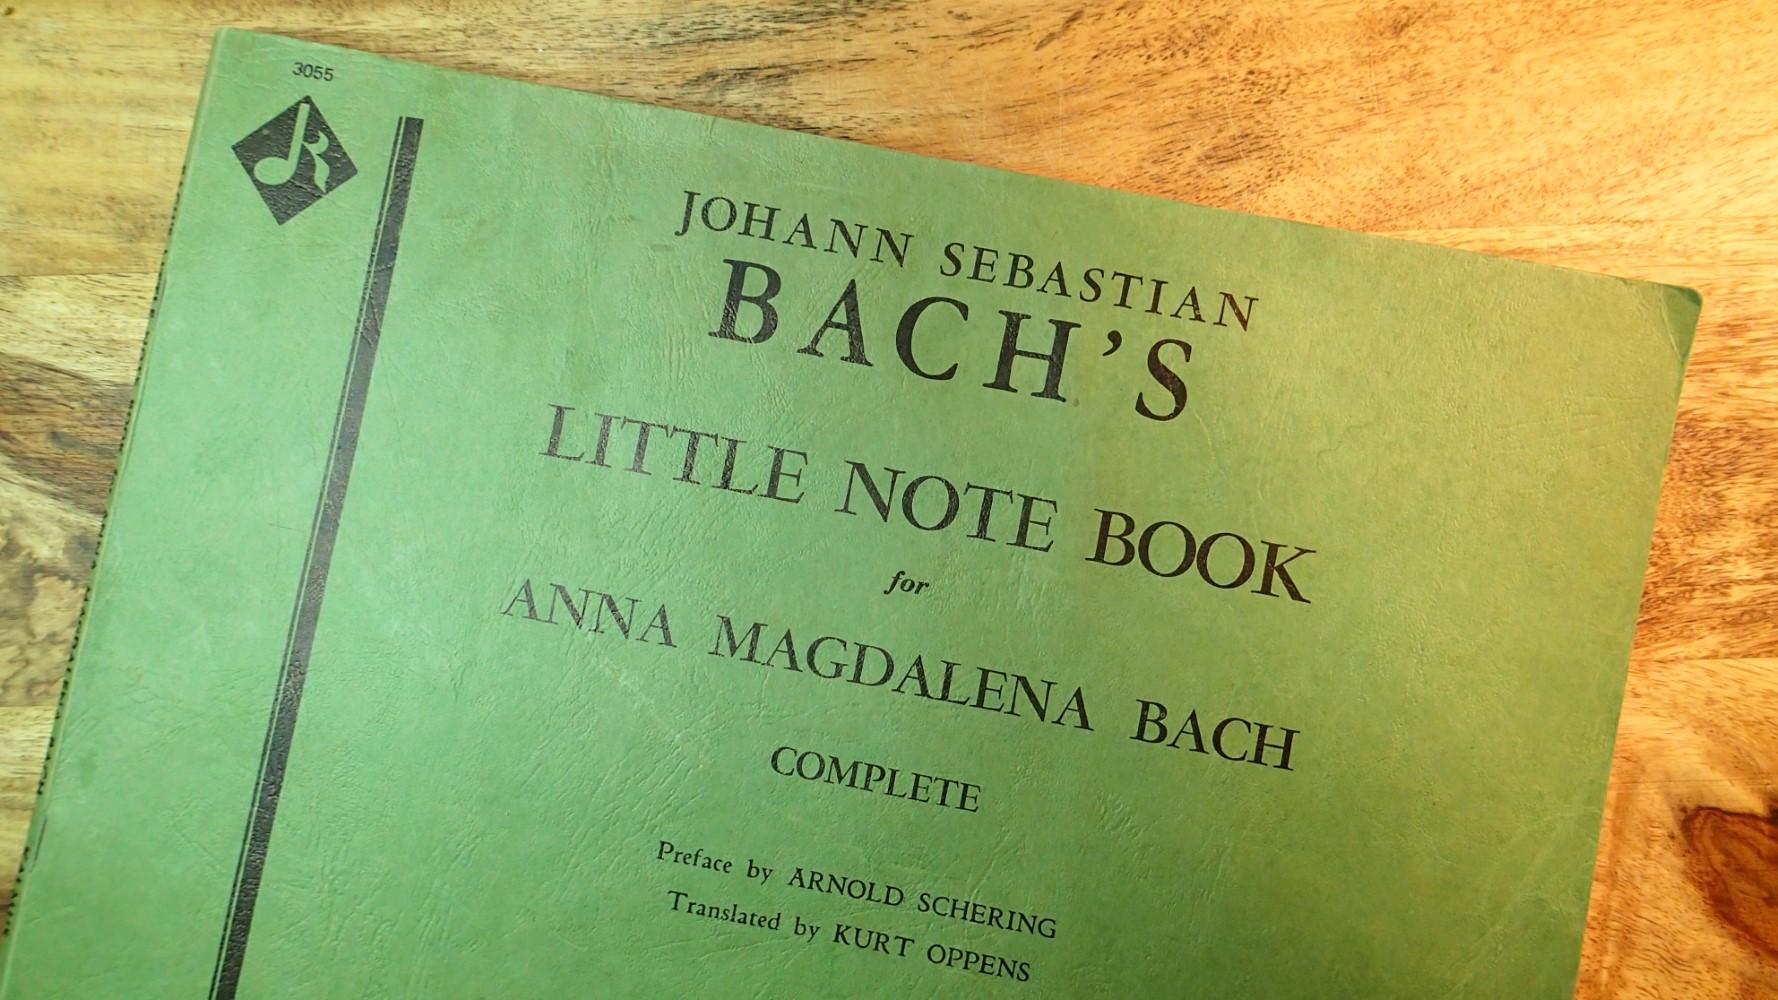 JOHANN SEBASTIAN BACH'S LITTLE NOTE BOOK FOR